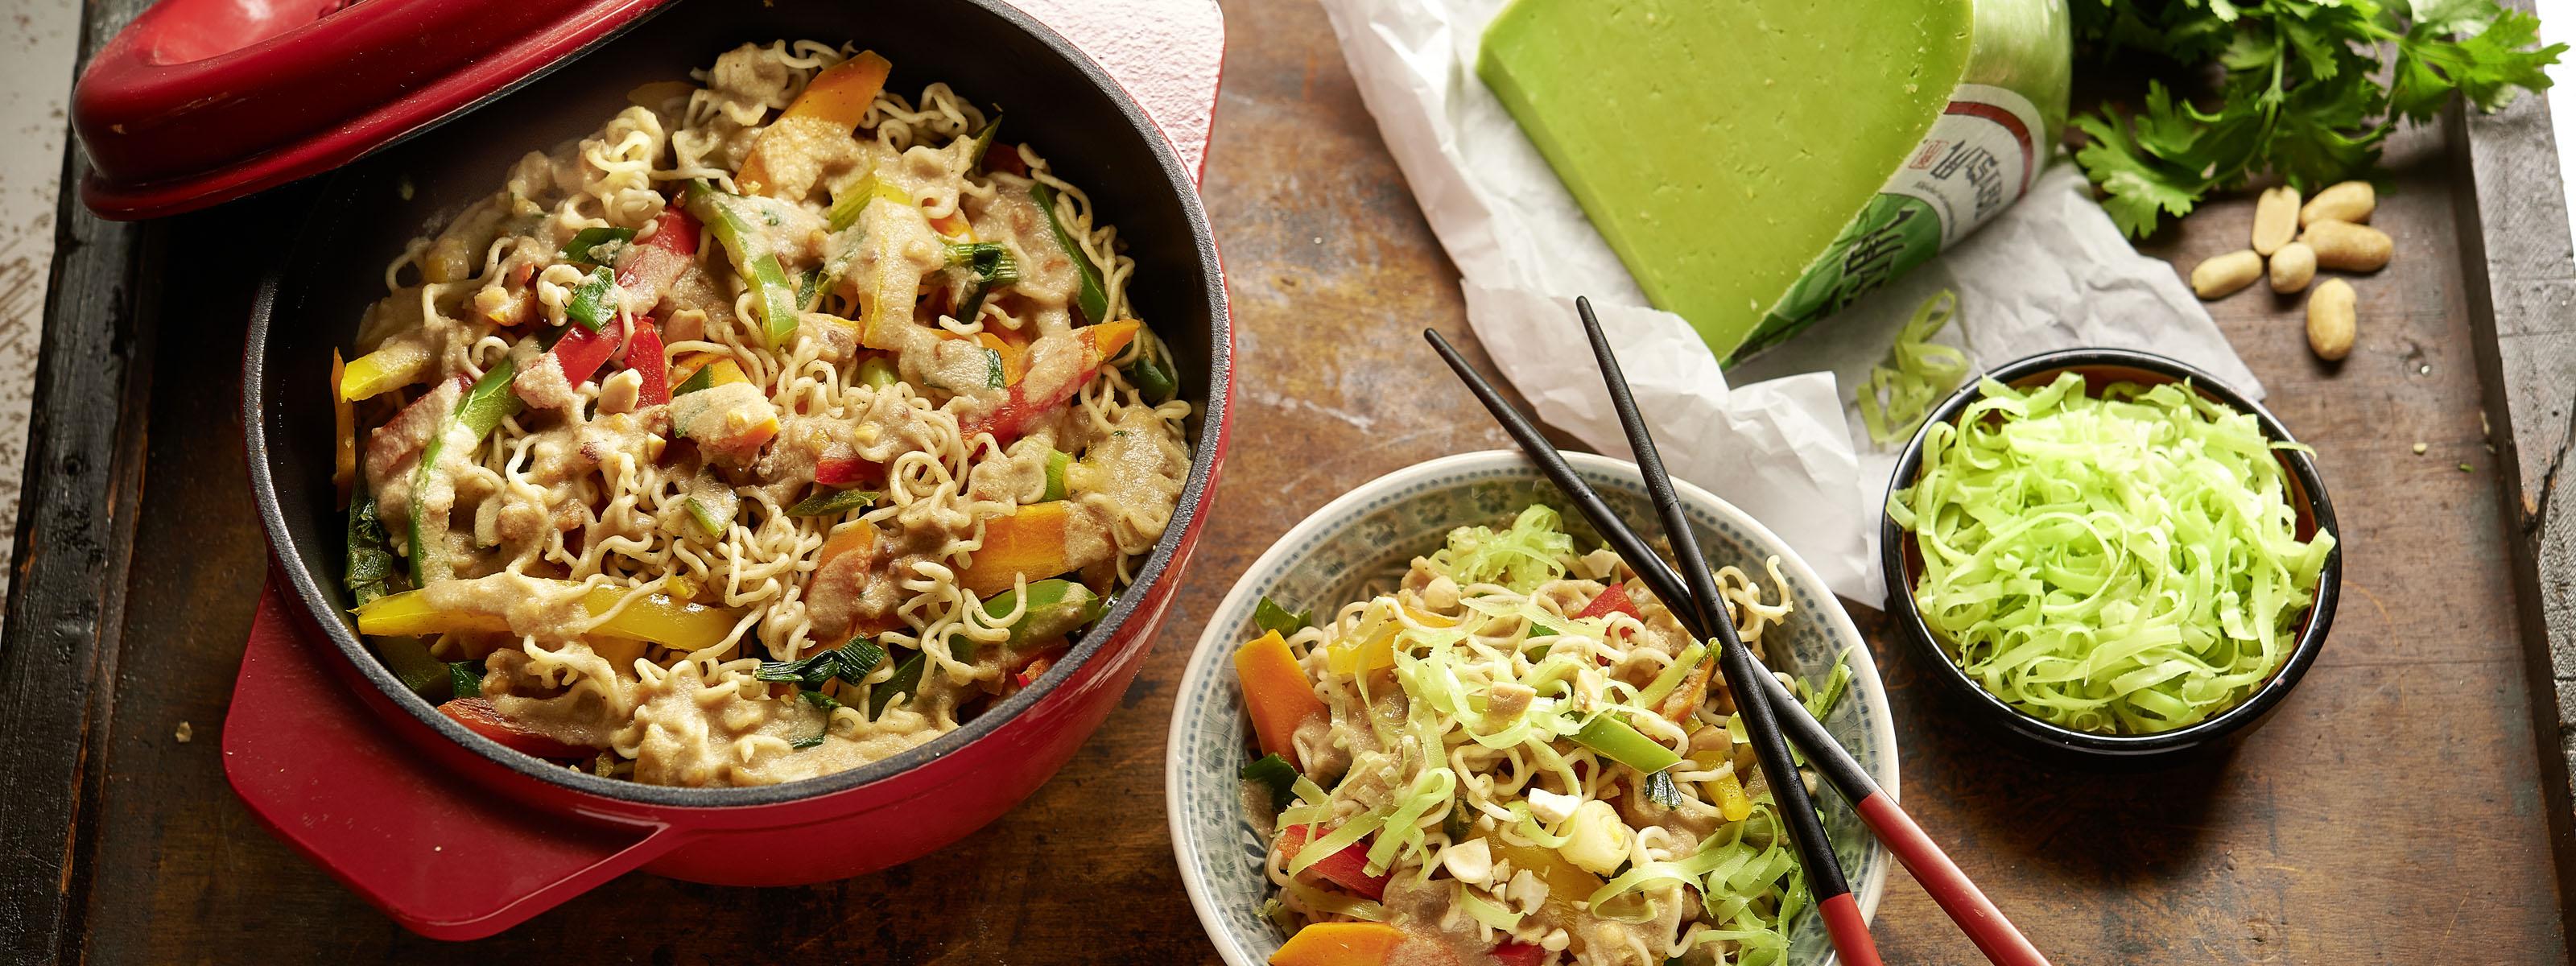 Rezept für One Pot  One Pot mit buntem Gemüse und WASABI Käse